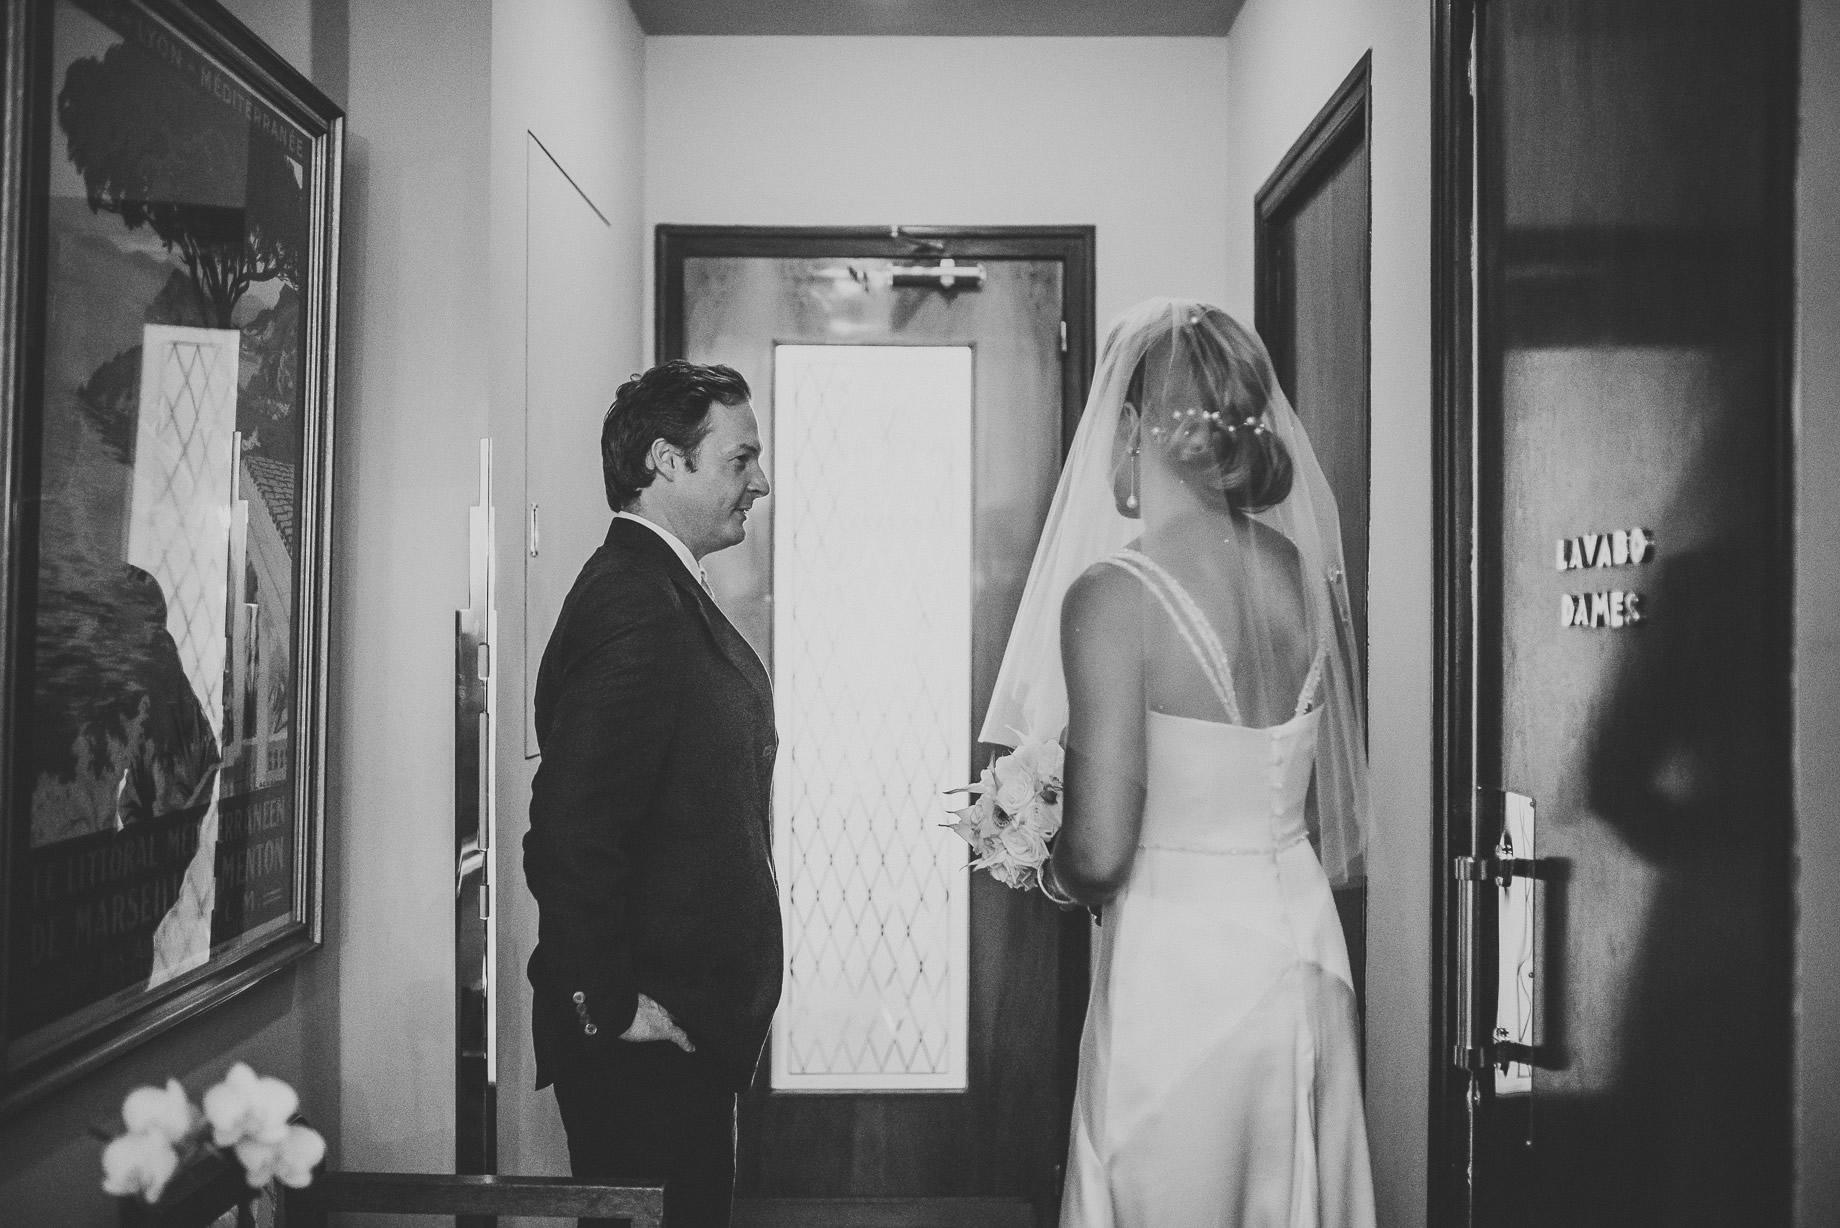 Jen and Priyan's Wedding at Hotel Belles Rives 083